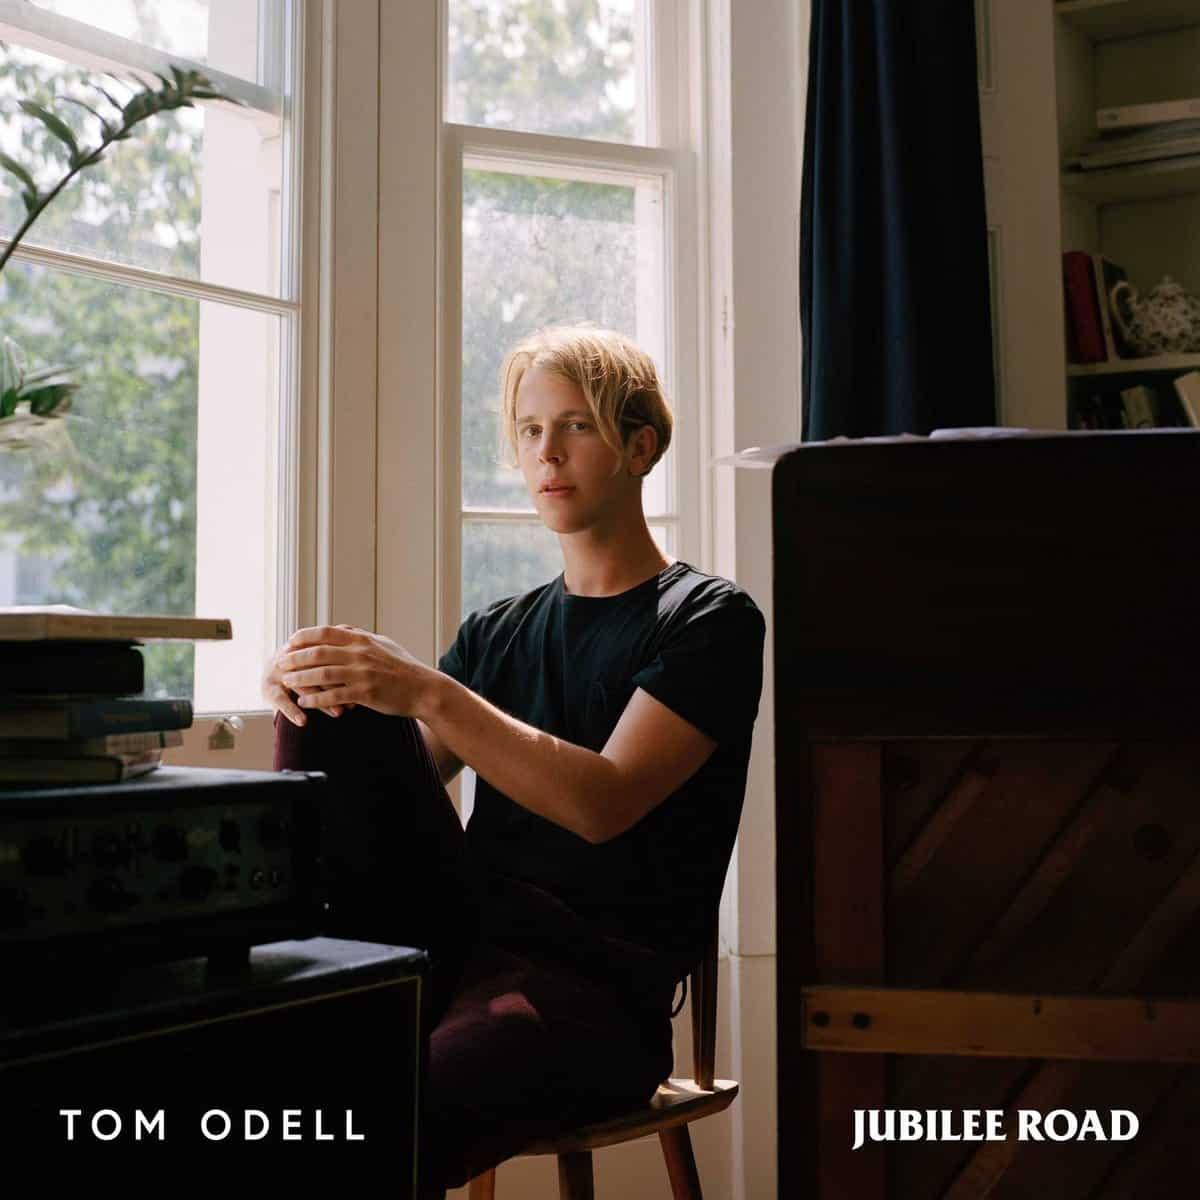 Tom Odell-Jubilee Road